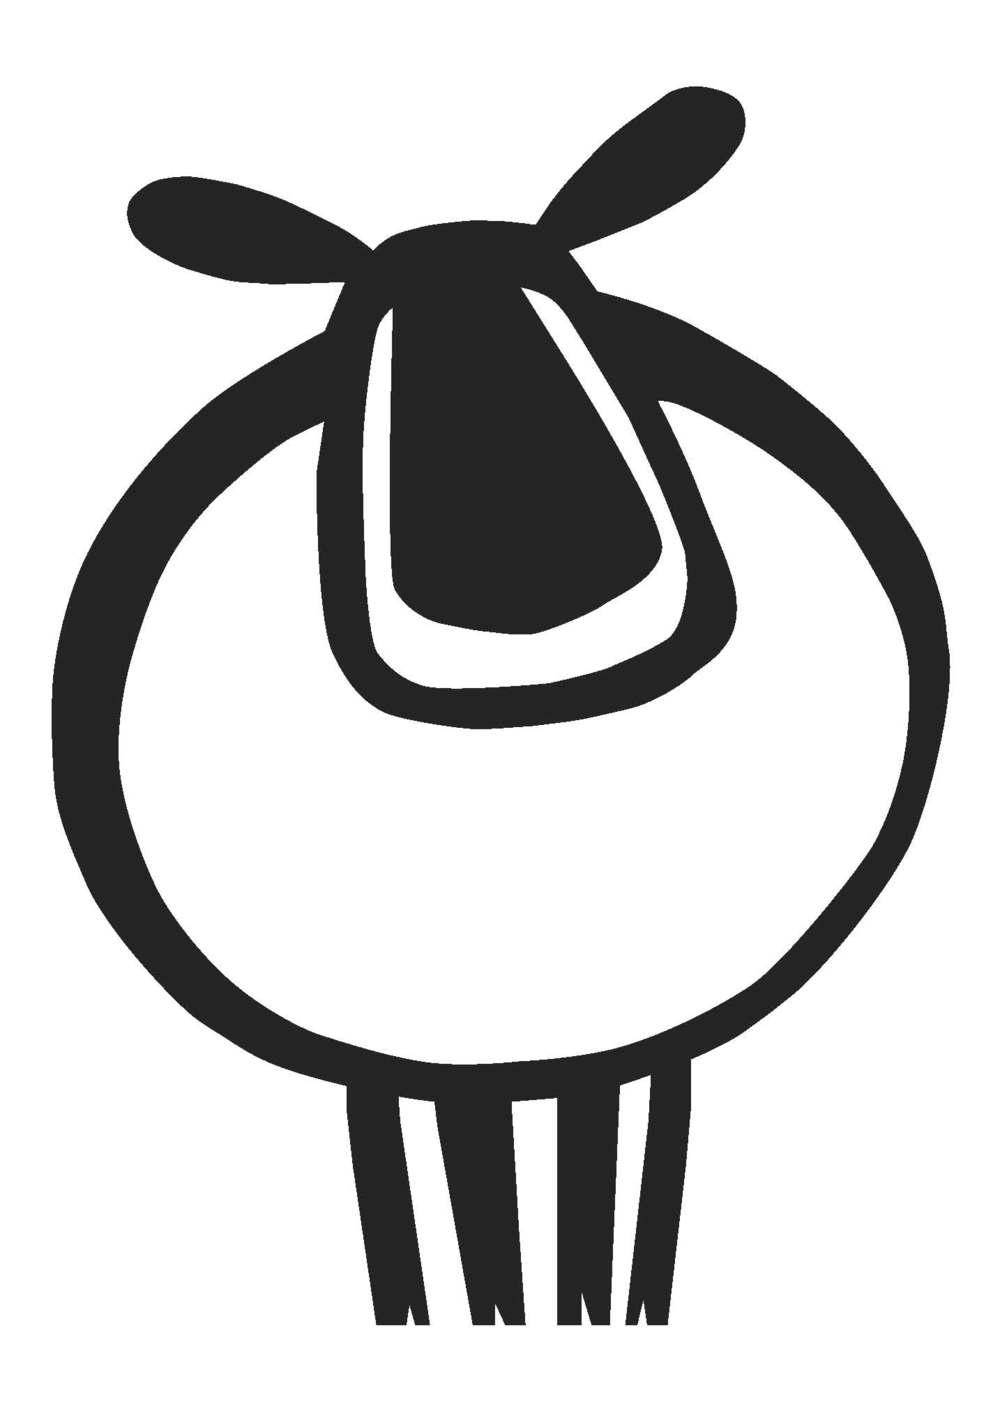 Gimber/Ung Husflid 2015 Abstrahering og forenkling av karakter til trykkblokker som skal brukes av Ung Husflids medlemmer.